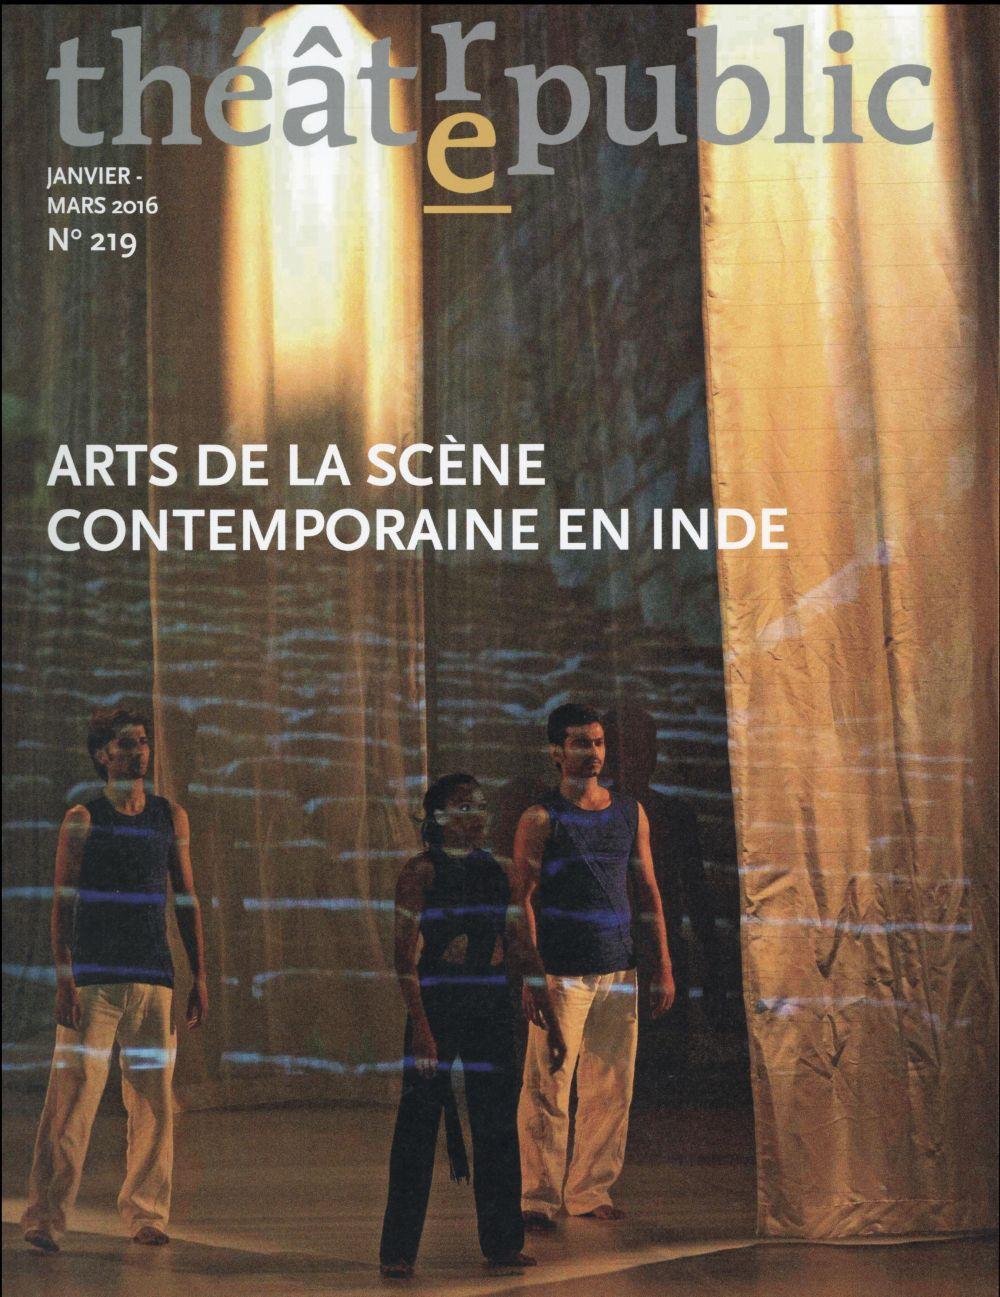 Théâtre-public Arts de la scène contemporaine en Inde